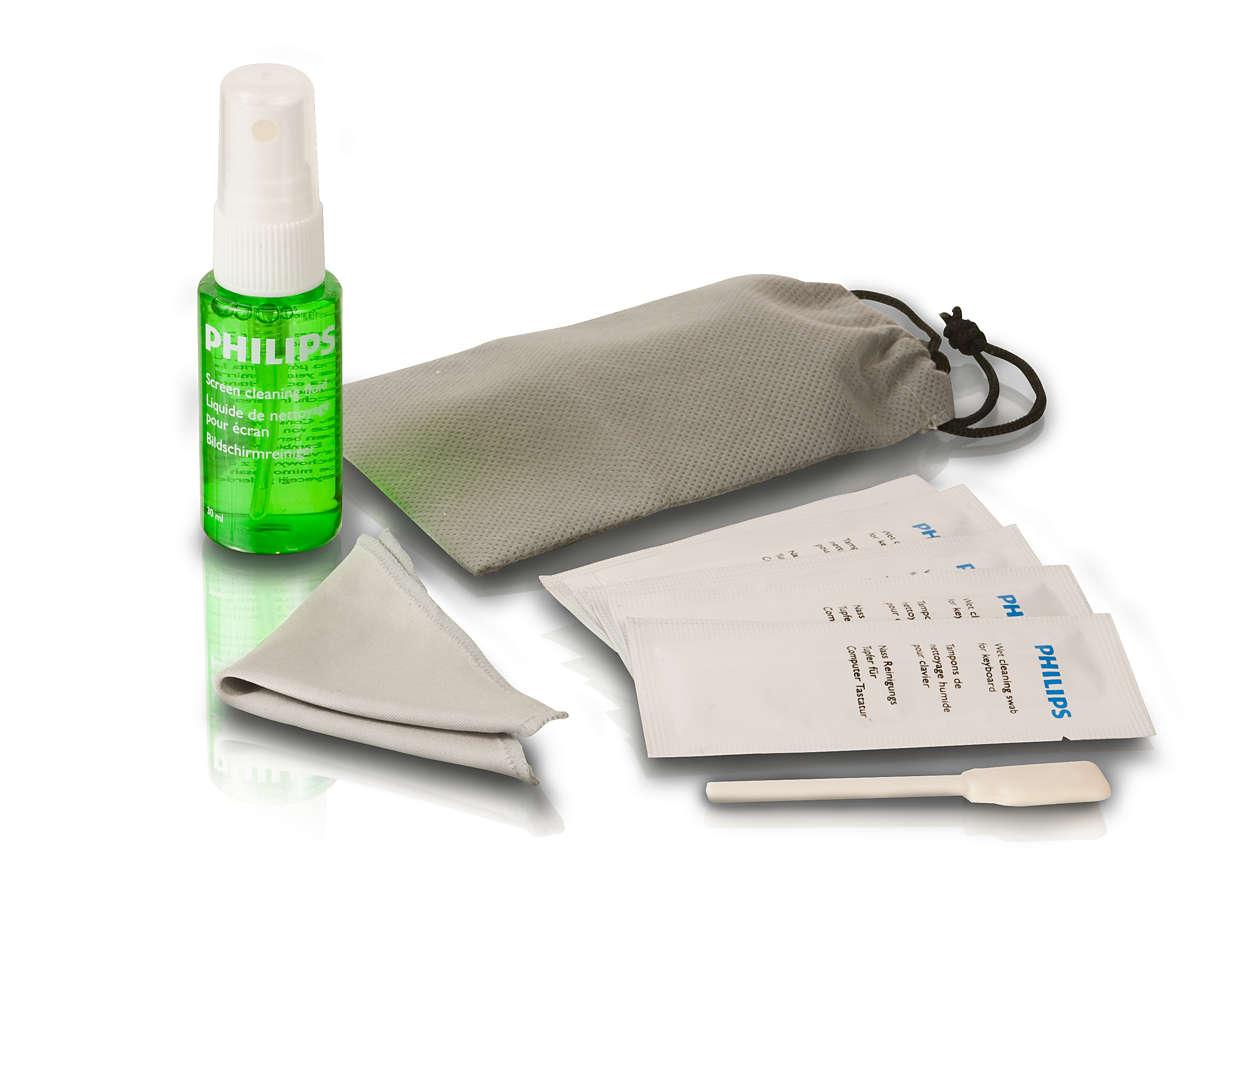 Limpia la pantalla de tu computadora y dispositivos portátiles